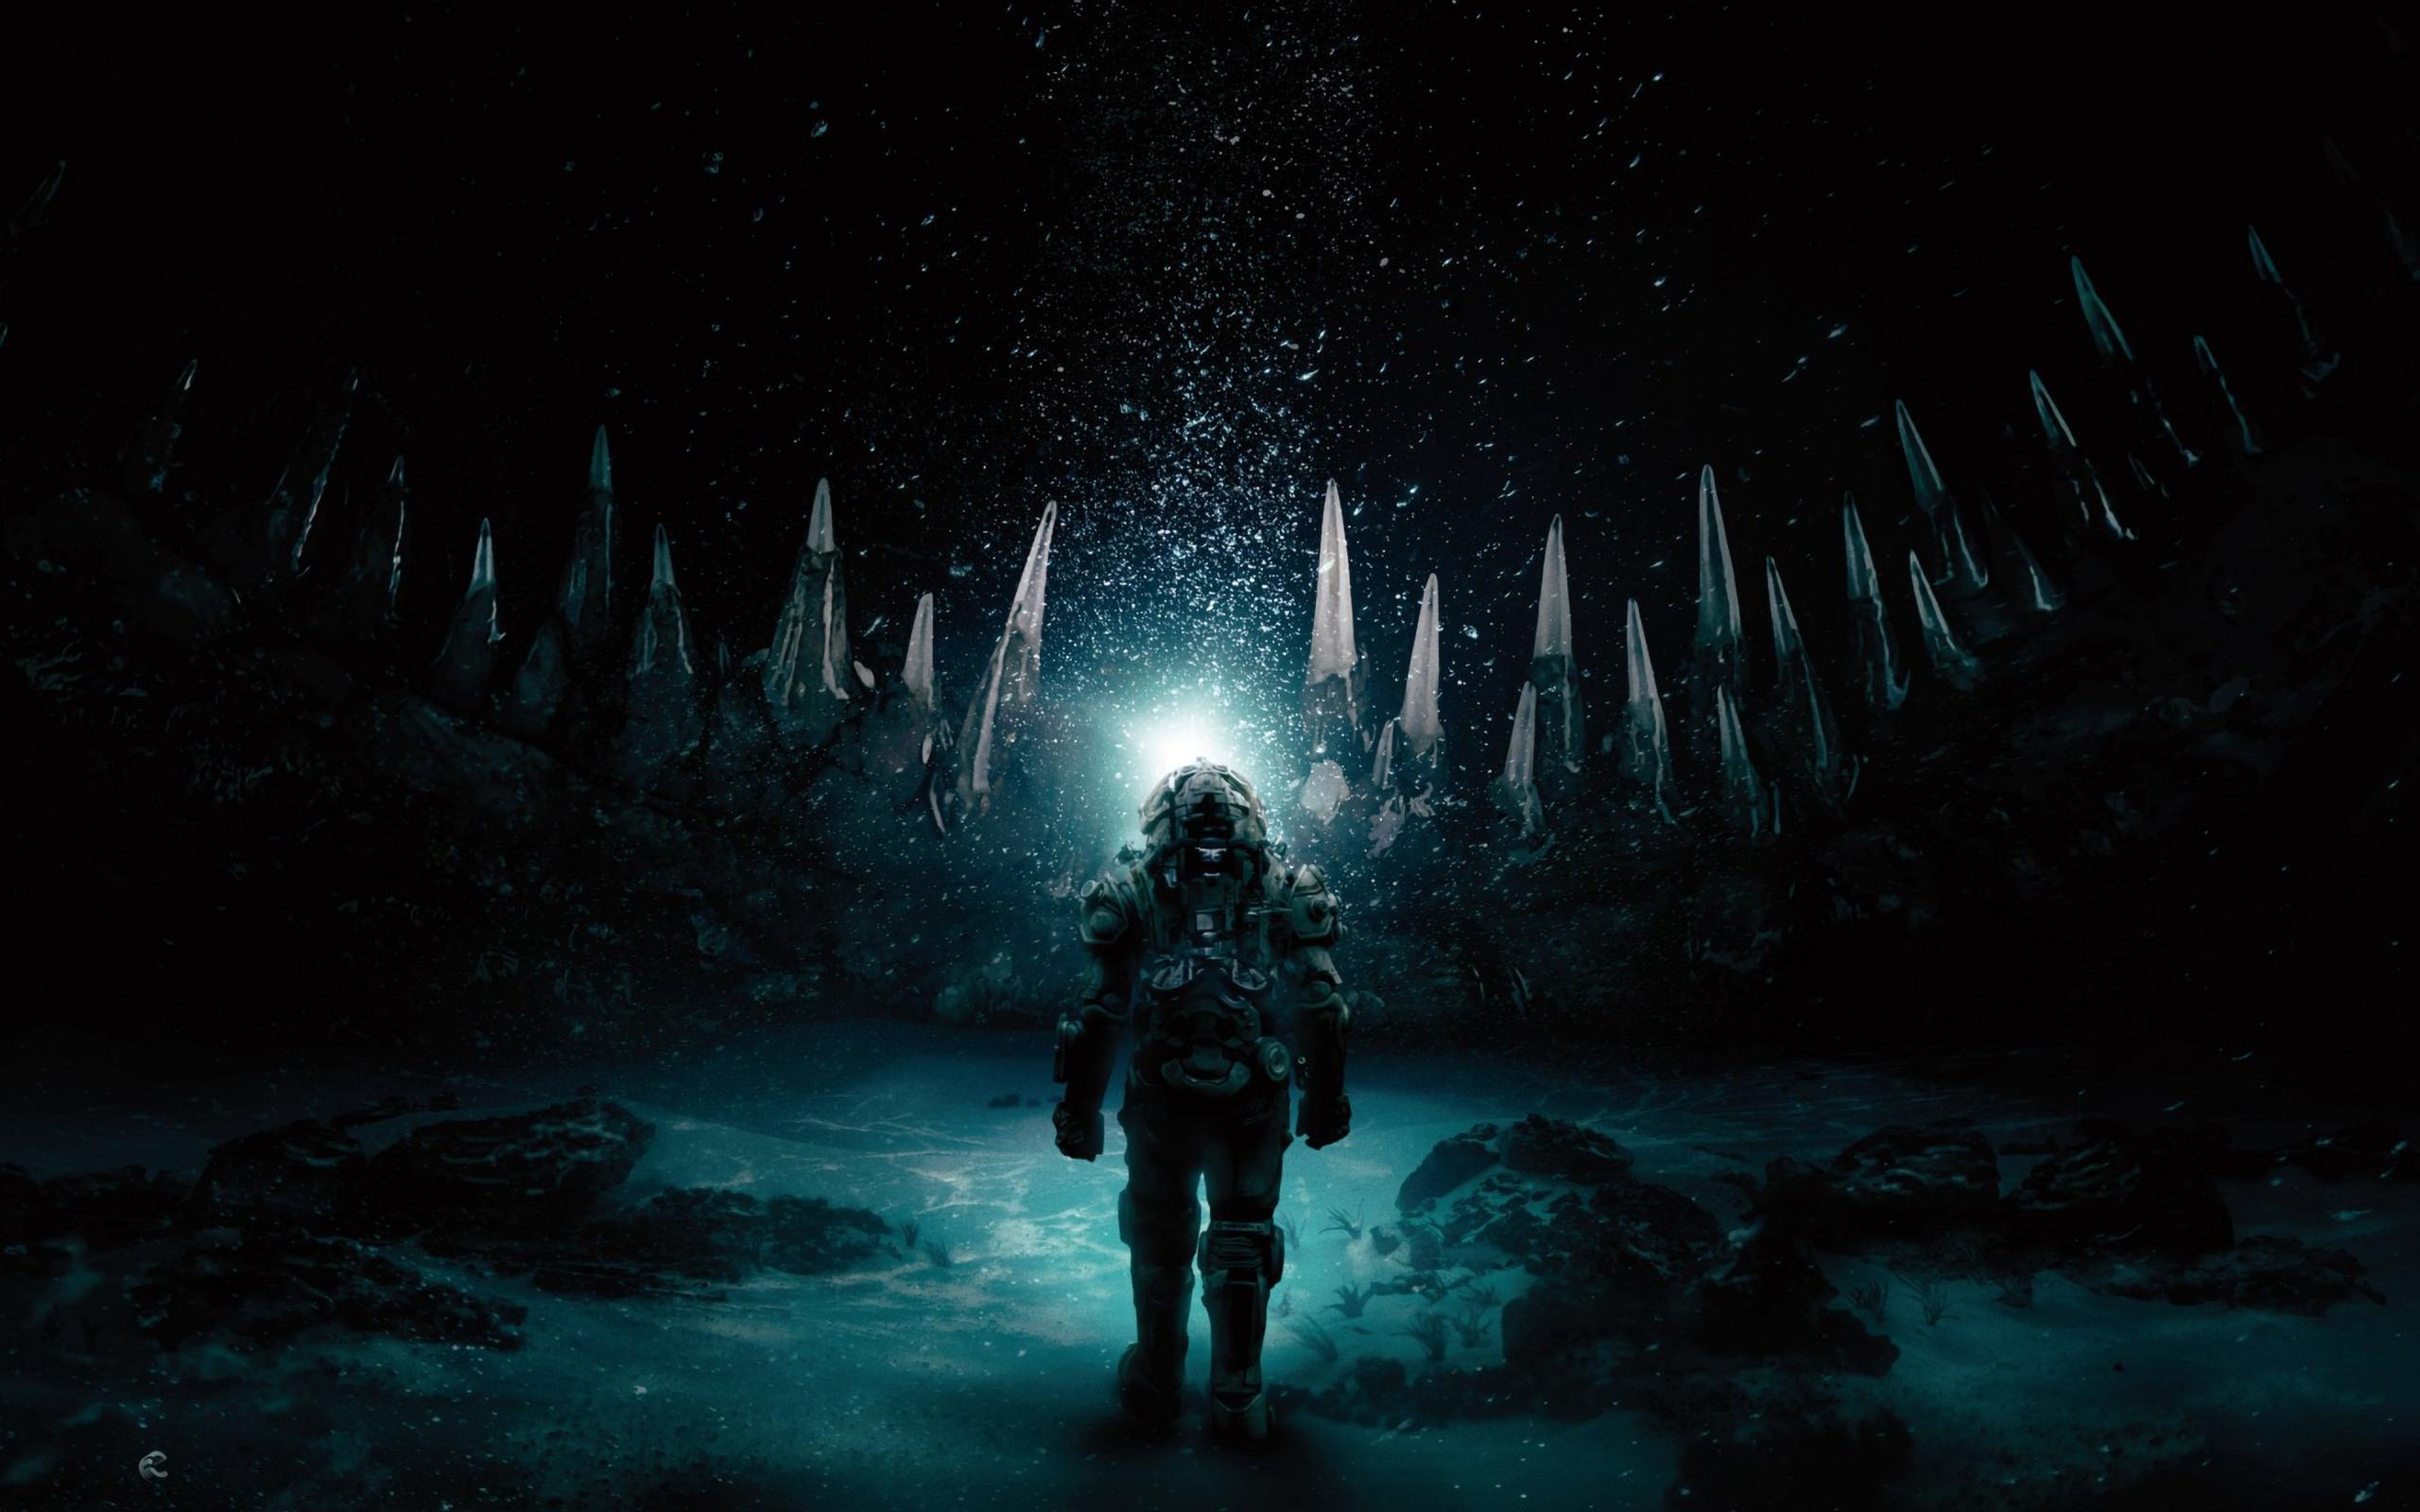 2560x1600 Underwater 2020 Movie 2560x1600 Resolution Wallpaper HD 2560x1600